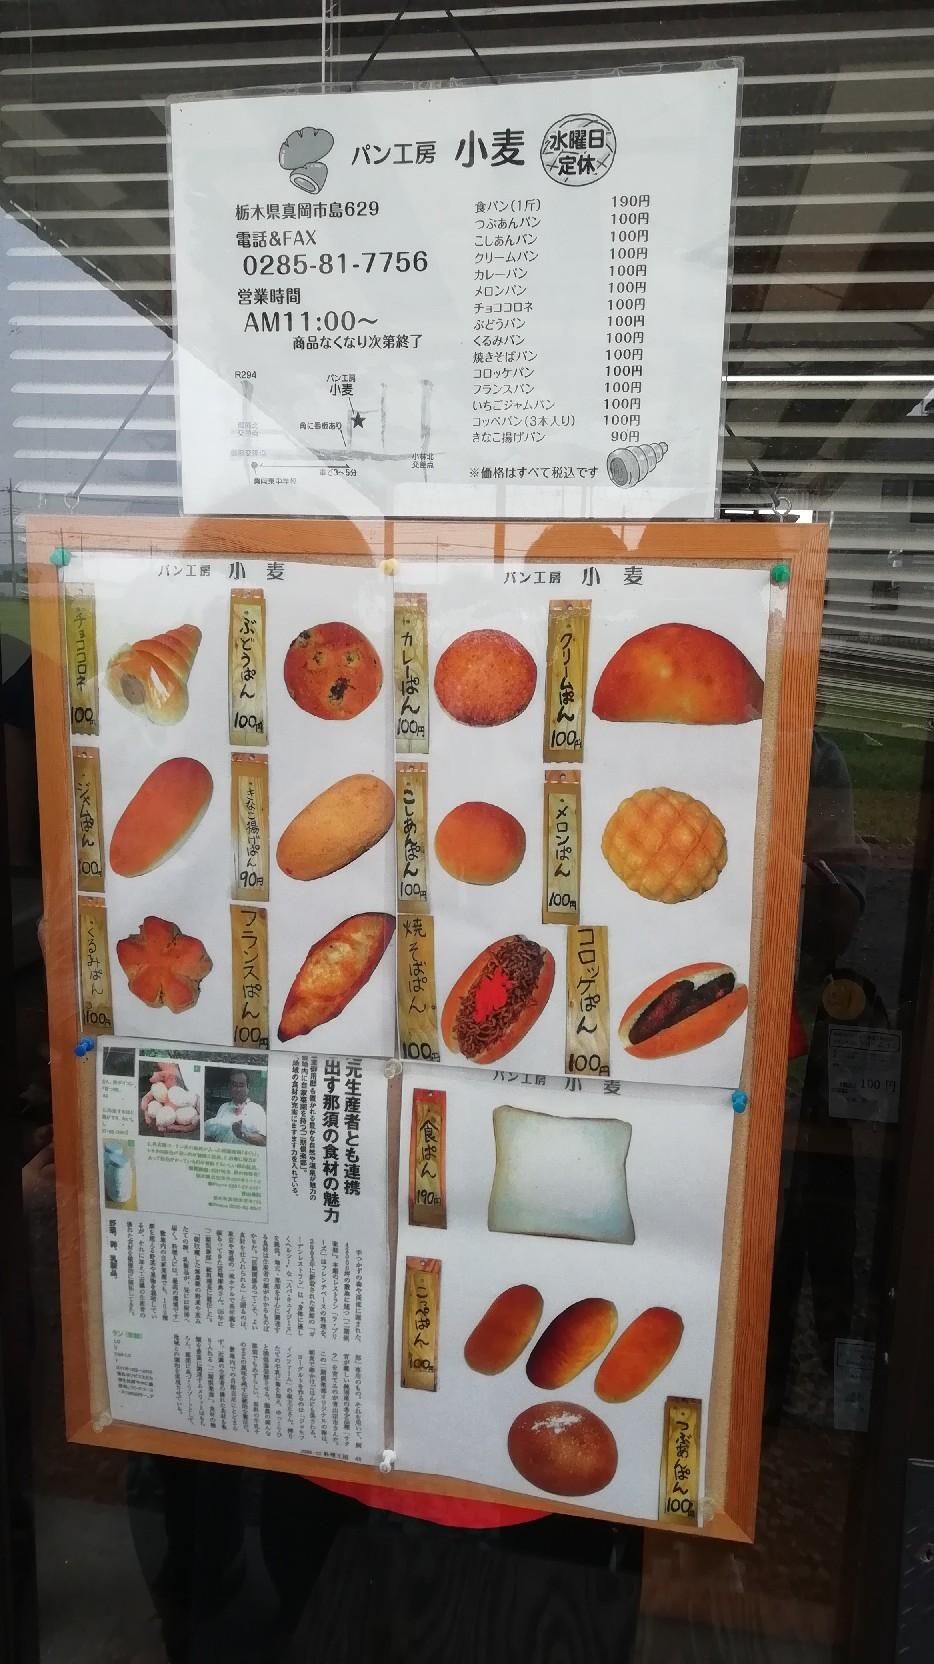 ★コグマ旅 in 栃木県 ★_f0351775_20102546.jpg